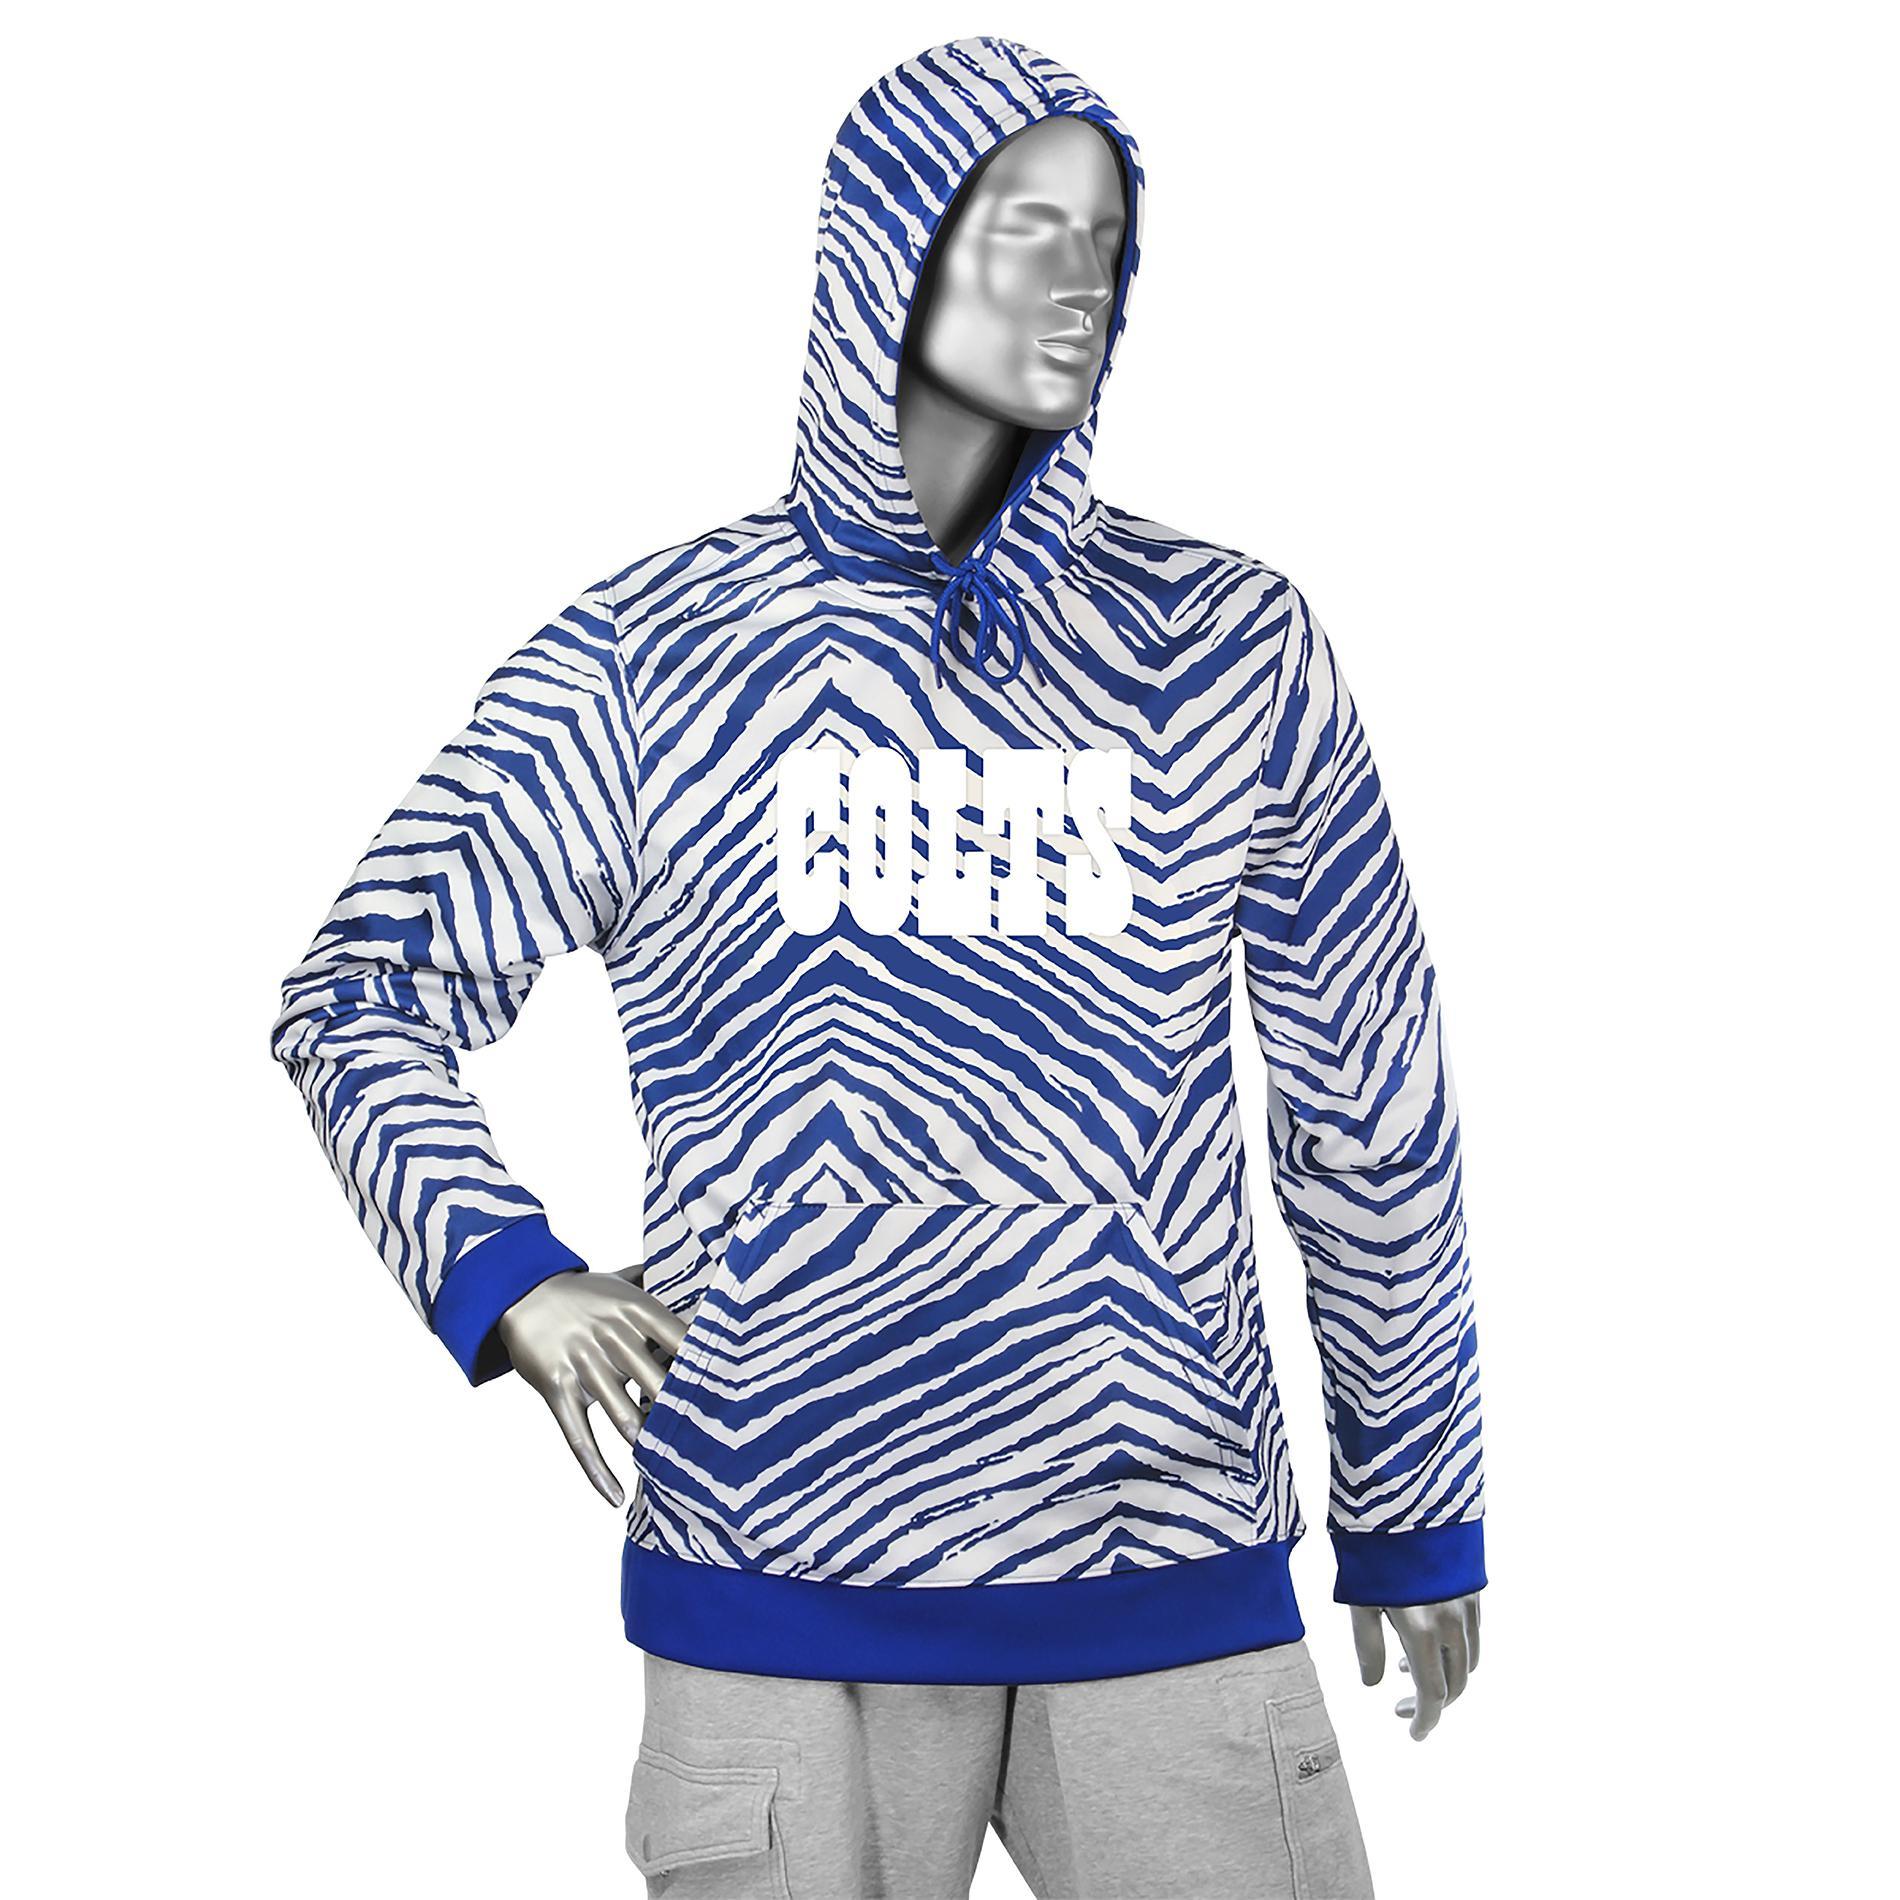 NFL Men's Hoodie - Indianapolis Colts PartNumber: 046VA90410812P MfgPartNumber: SNFL14ZE040231